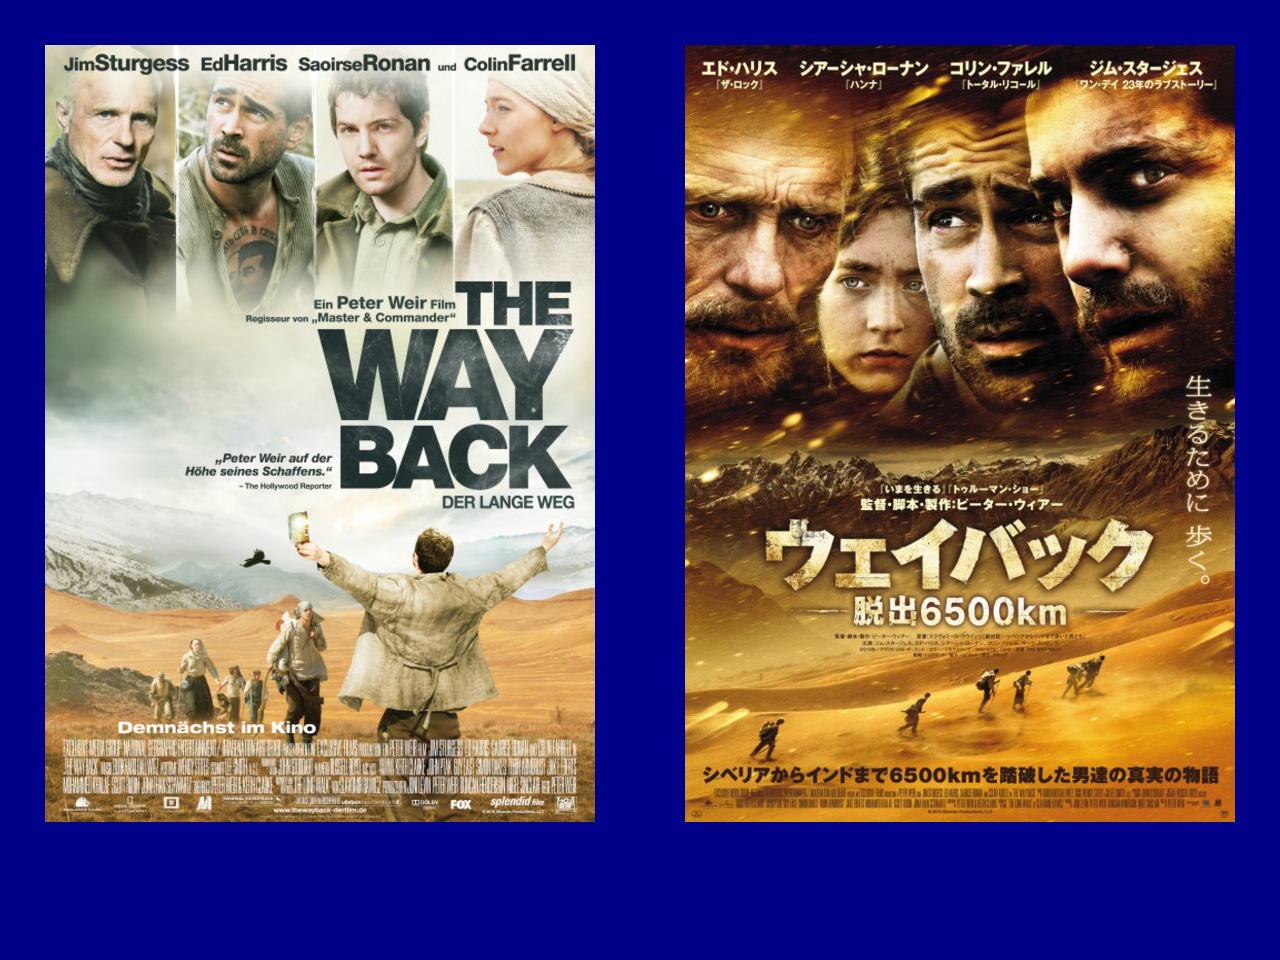 映画『ウェイバック-脱出6500km- THE WAY BACK』ポスター(2)▼ポスター画像クリックで拡大します。